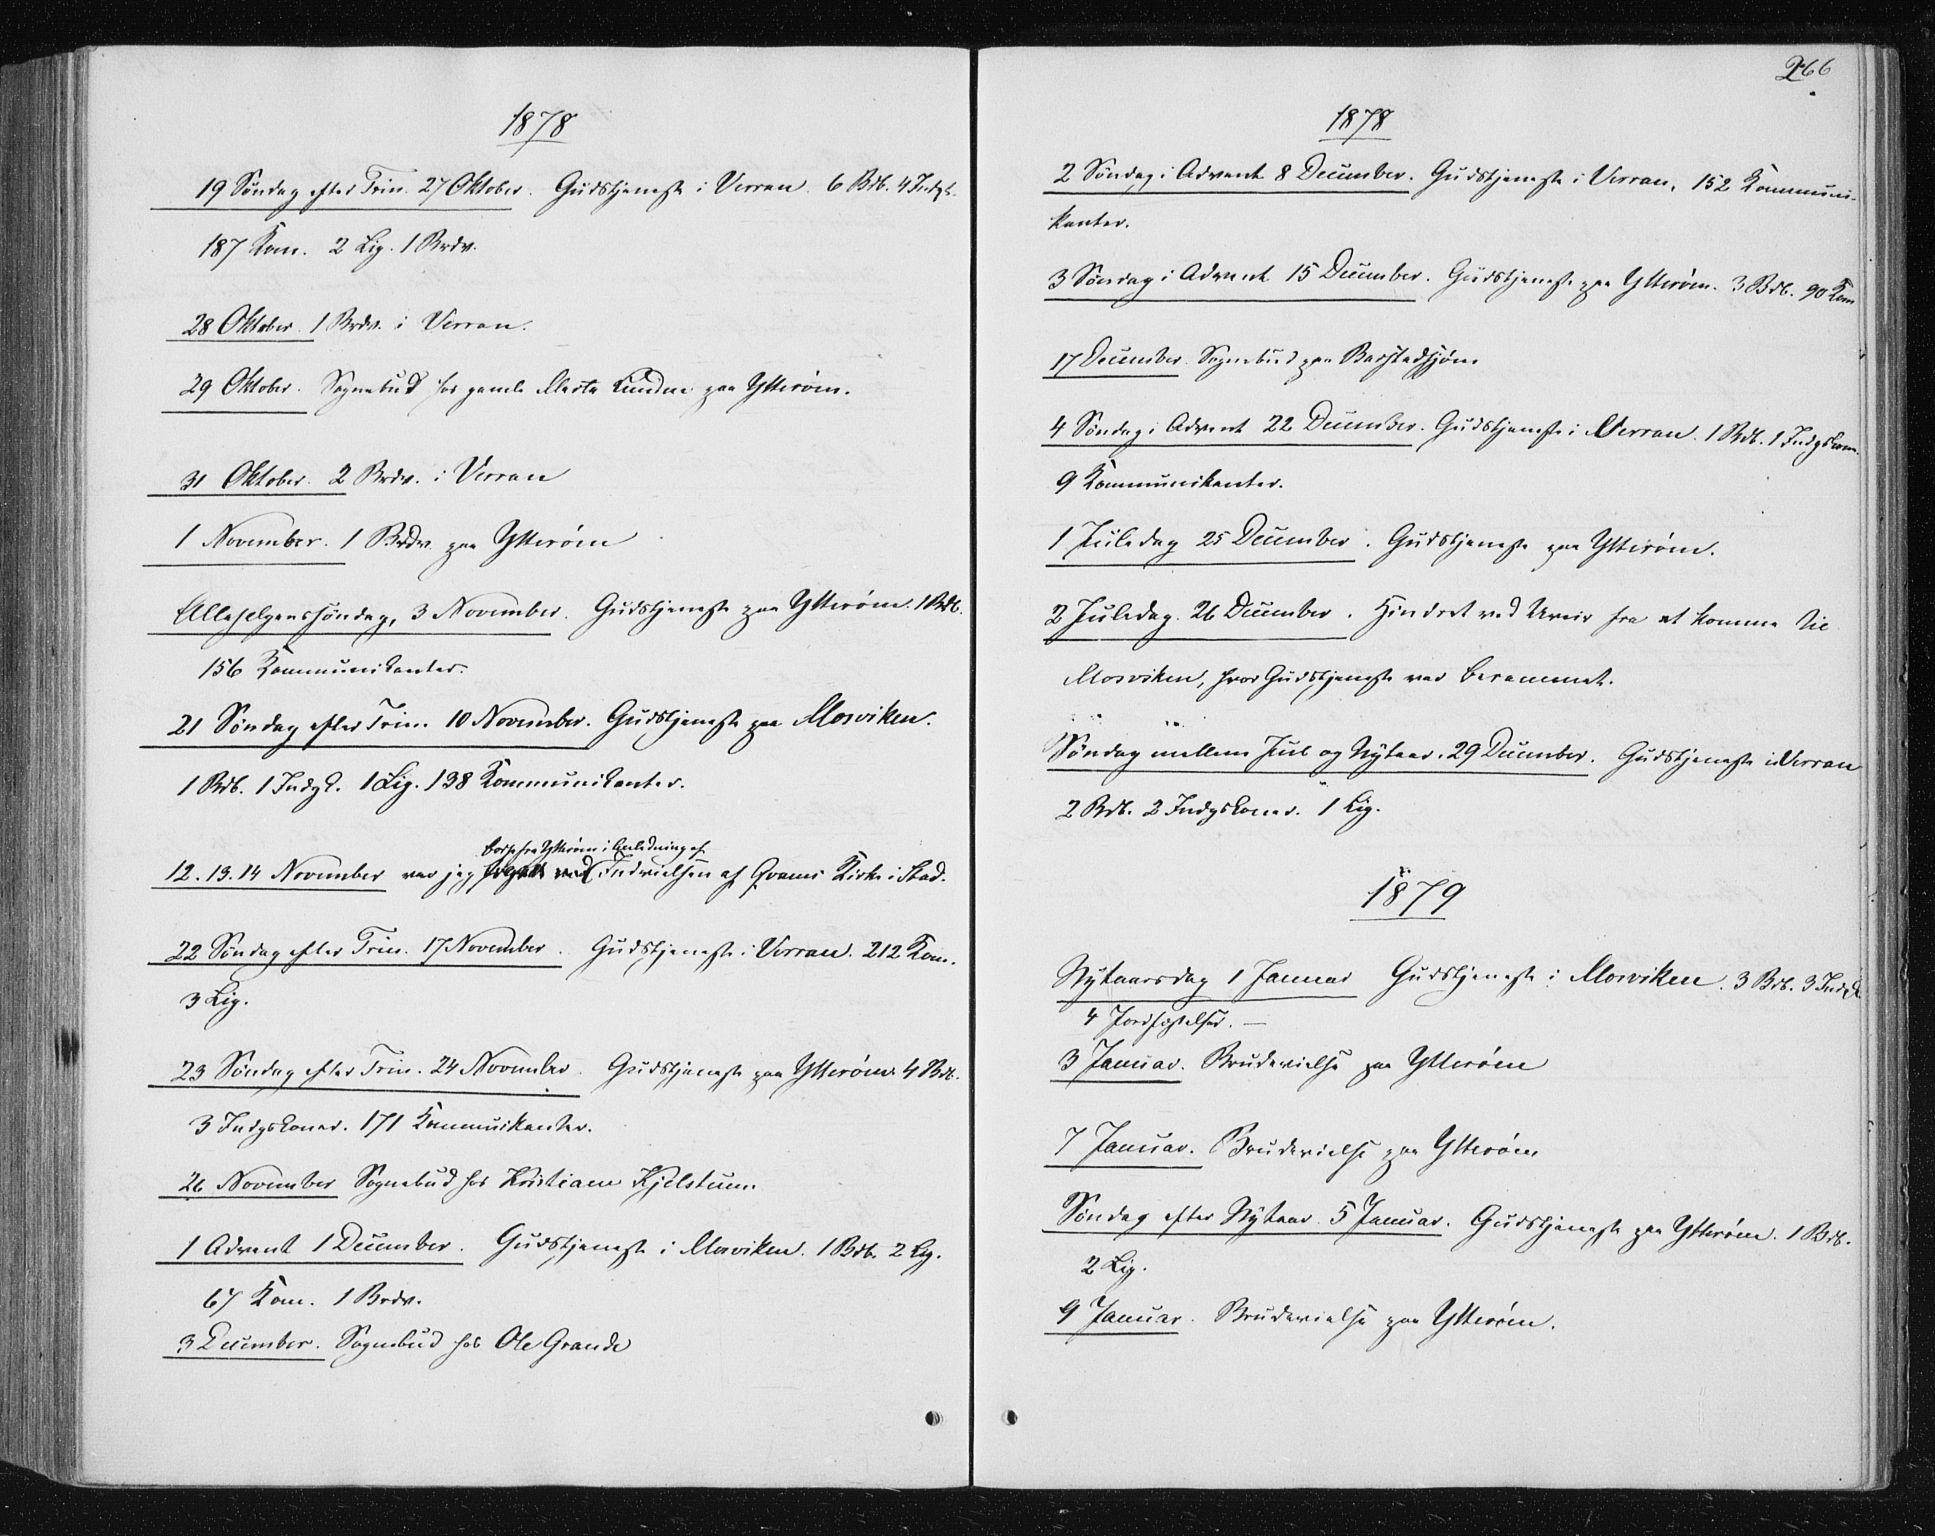 SAT, Ministerialprotokoller, klokkerbøker og fødselsregistre - Nord-Trøndelag, 722/L0219: Ministerialbok nr. 722A06, 1868-1880, s. 266